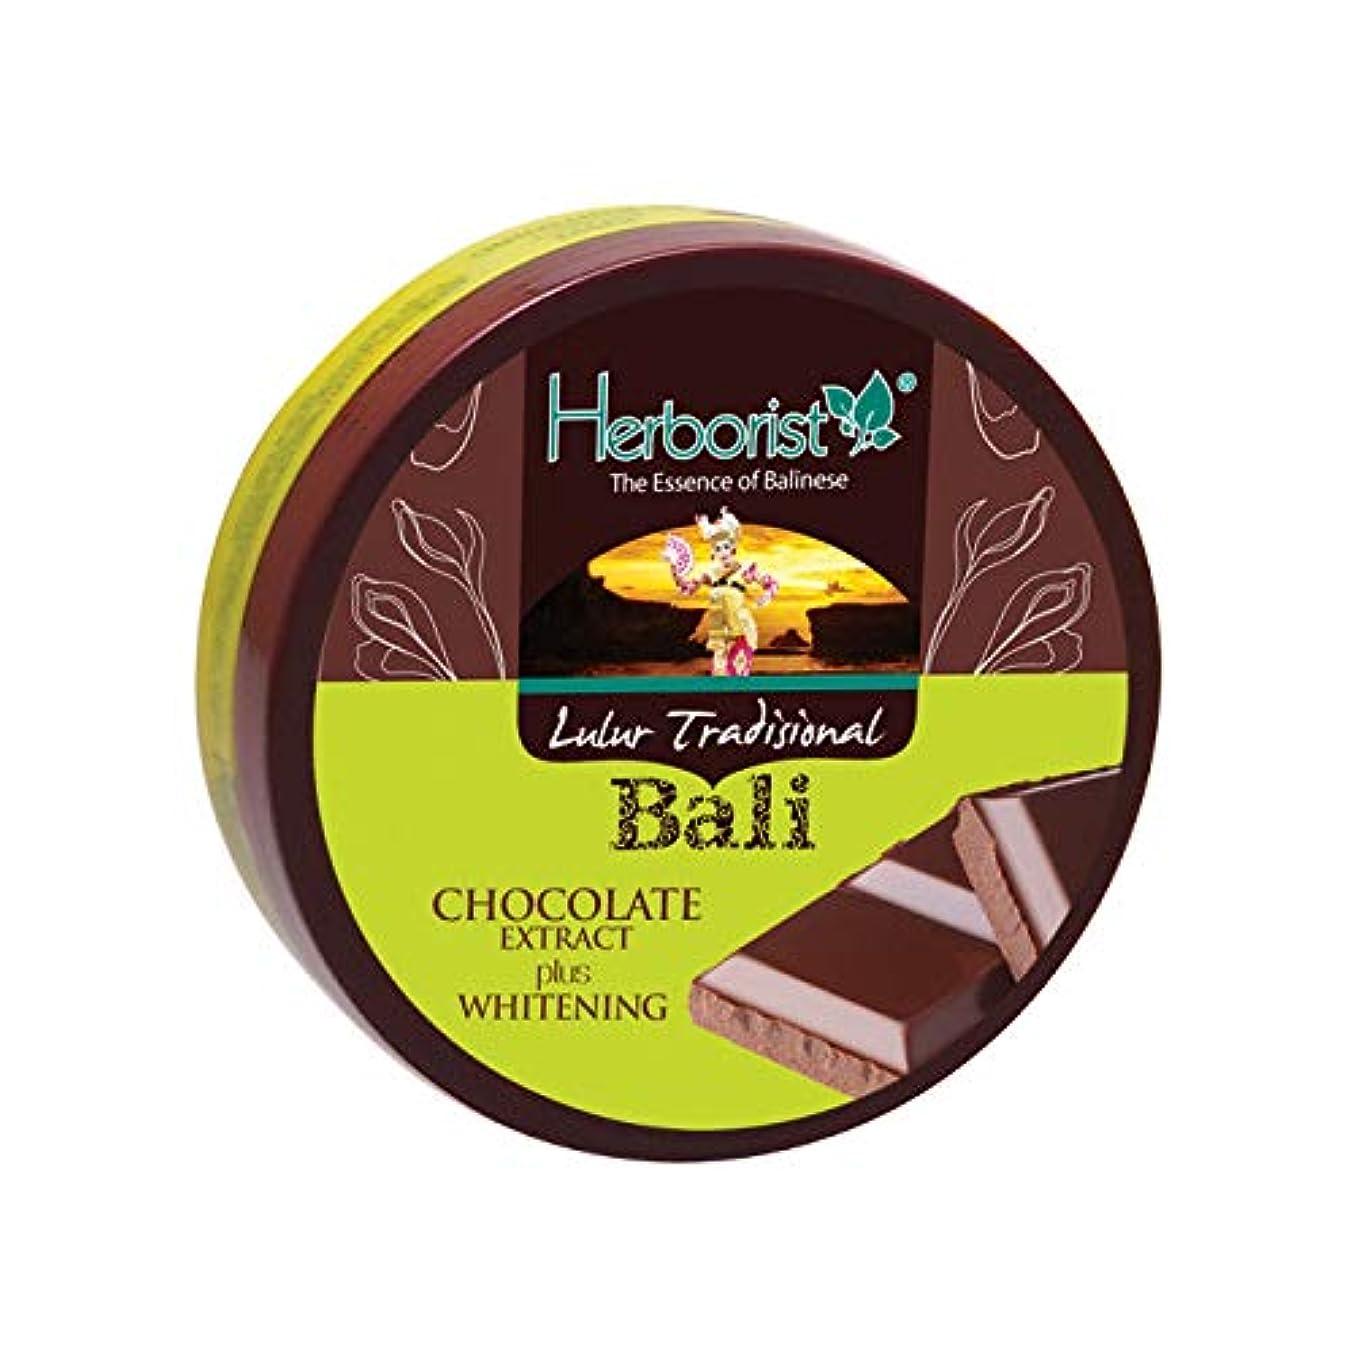 思慮のない今まで一過性Herborist ハーボリスト インドネシアバリ島の伝統的なボディスクラブ Lulur Tradisional Bali ルルールトラディショナルバリ 100g Chocolate チョコレート [海外直送品]